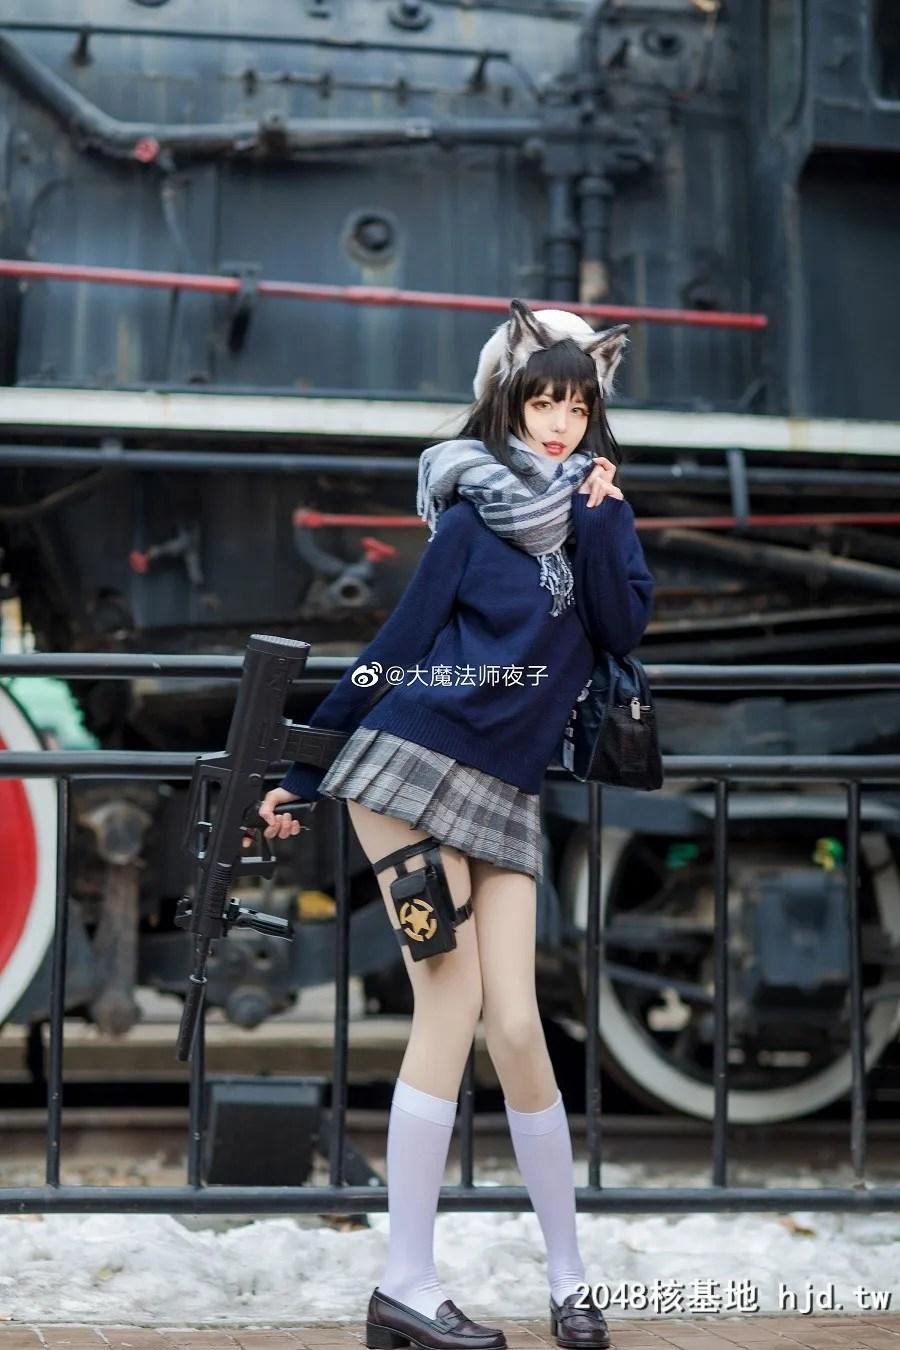 少女前线95式 纯白毕业祭@大魔法师夜子 (10P)插图(1)